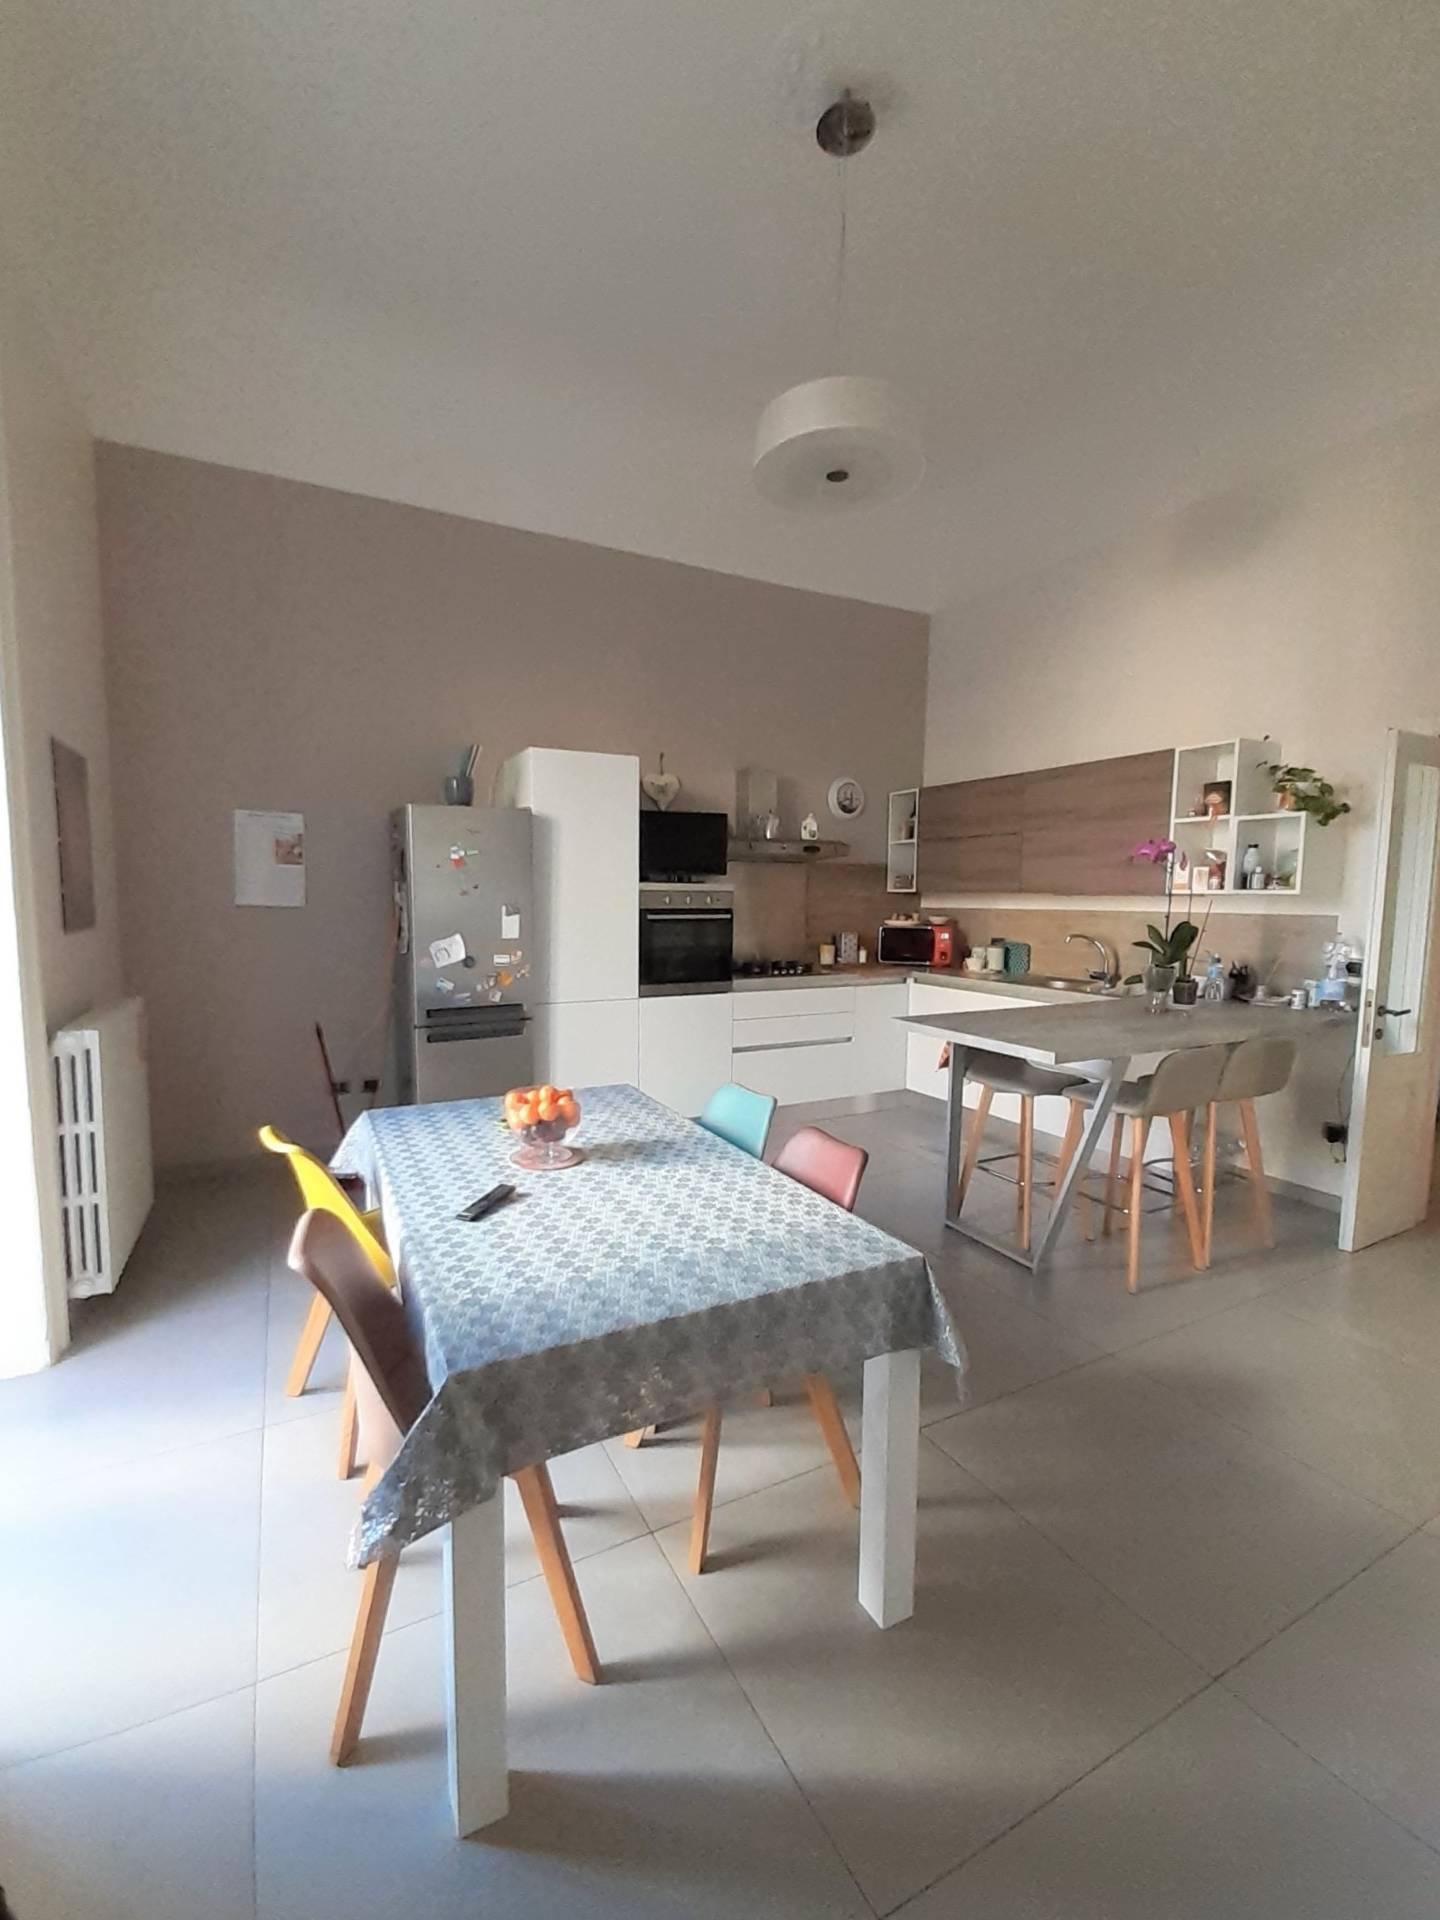 Camere Da Letto Taranto appartamento in vendita a taranto - zona: borgo